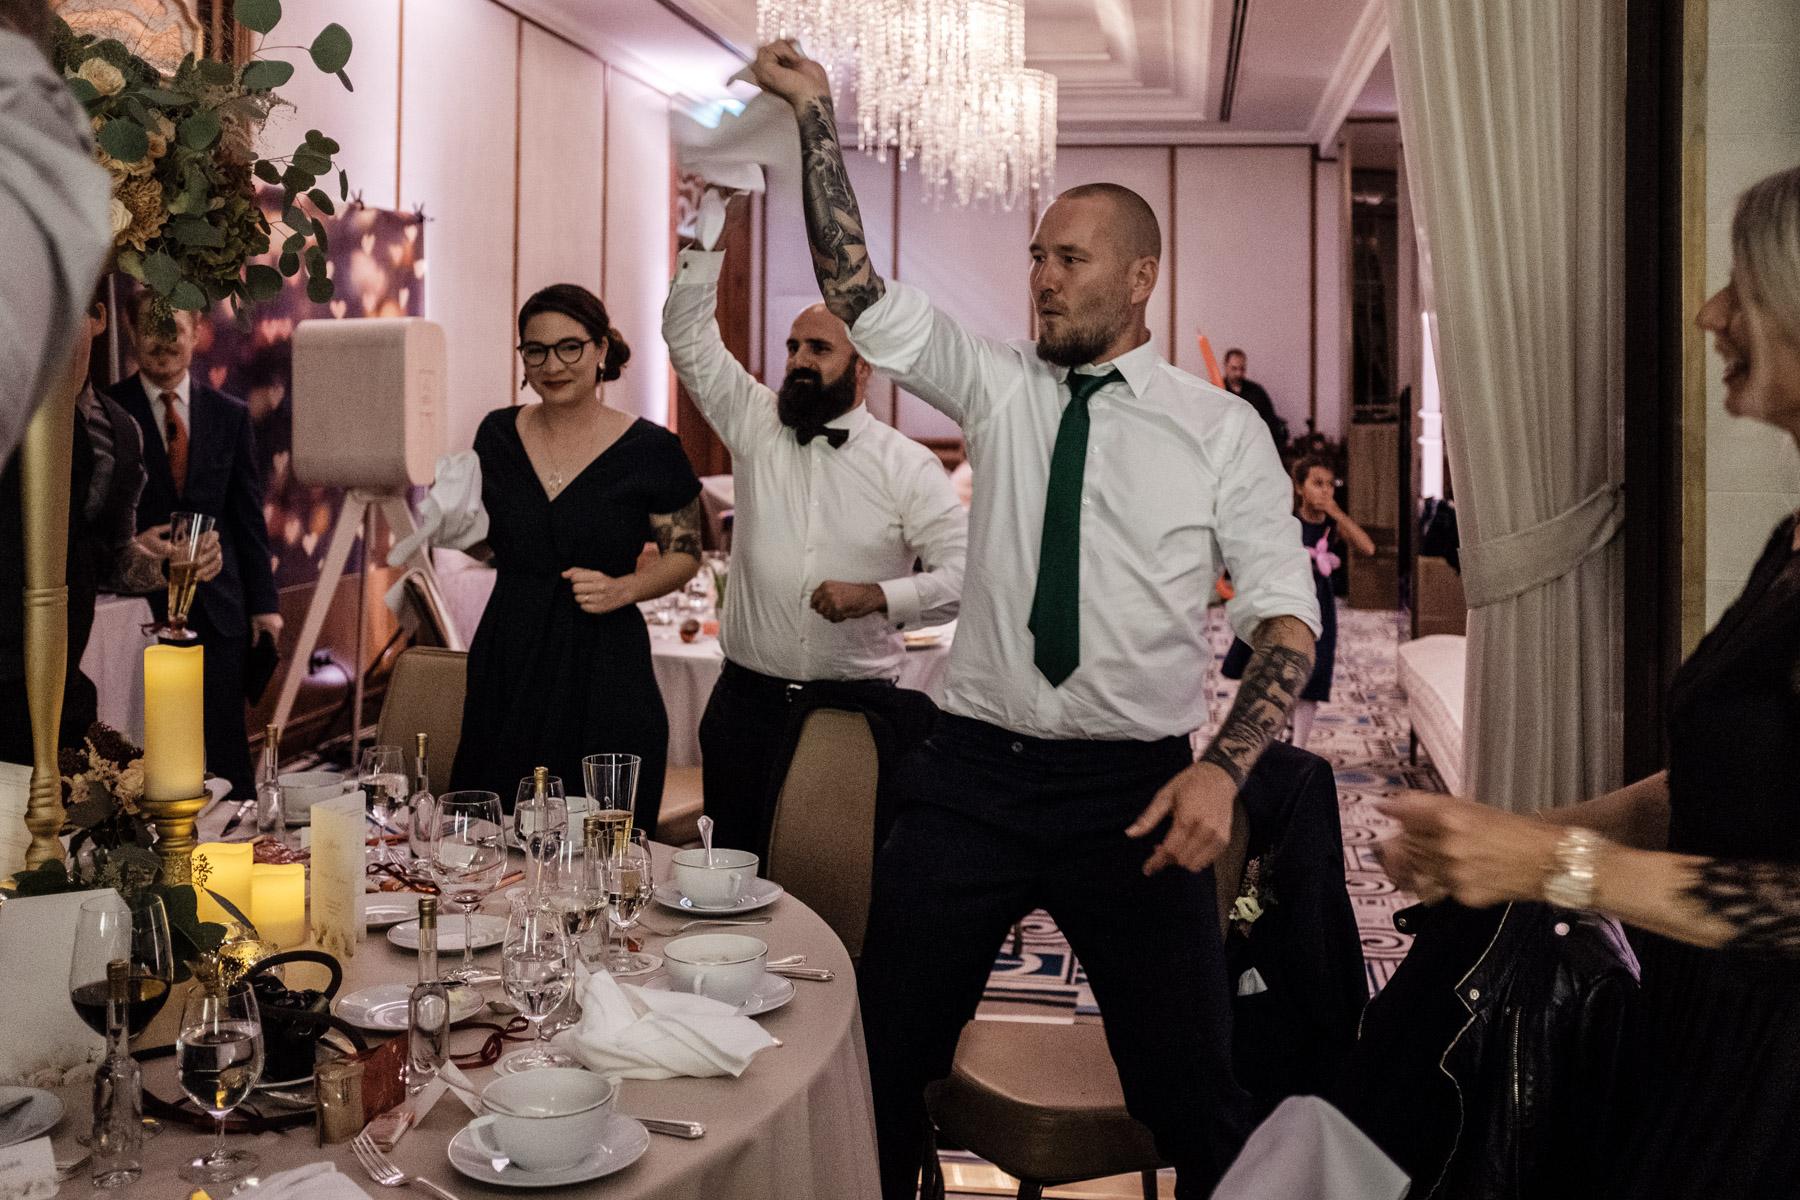 MartinLiebl_Kein_Hochzeitsfotograf_No_Wedding_Photographer_Budapest_Gresham_Palace_068.jpg